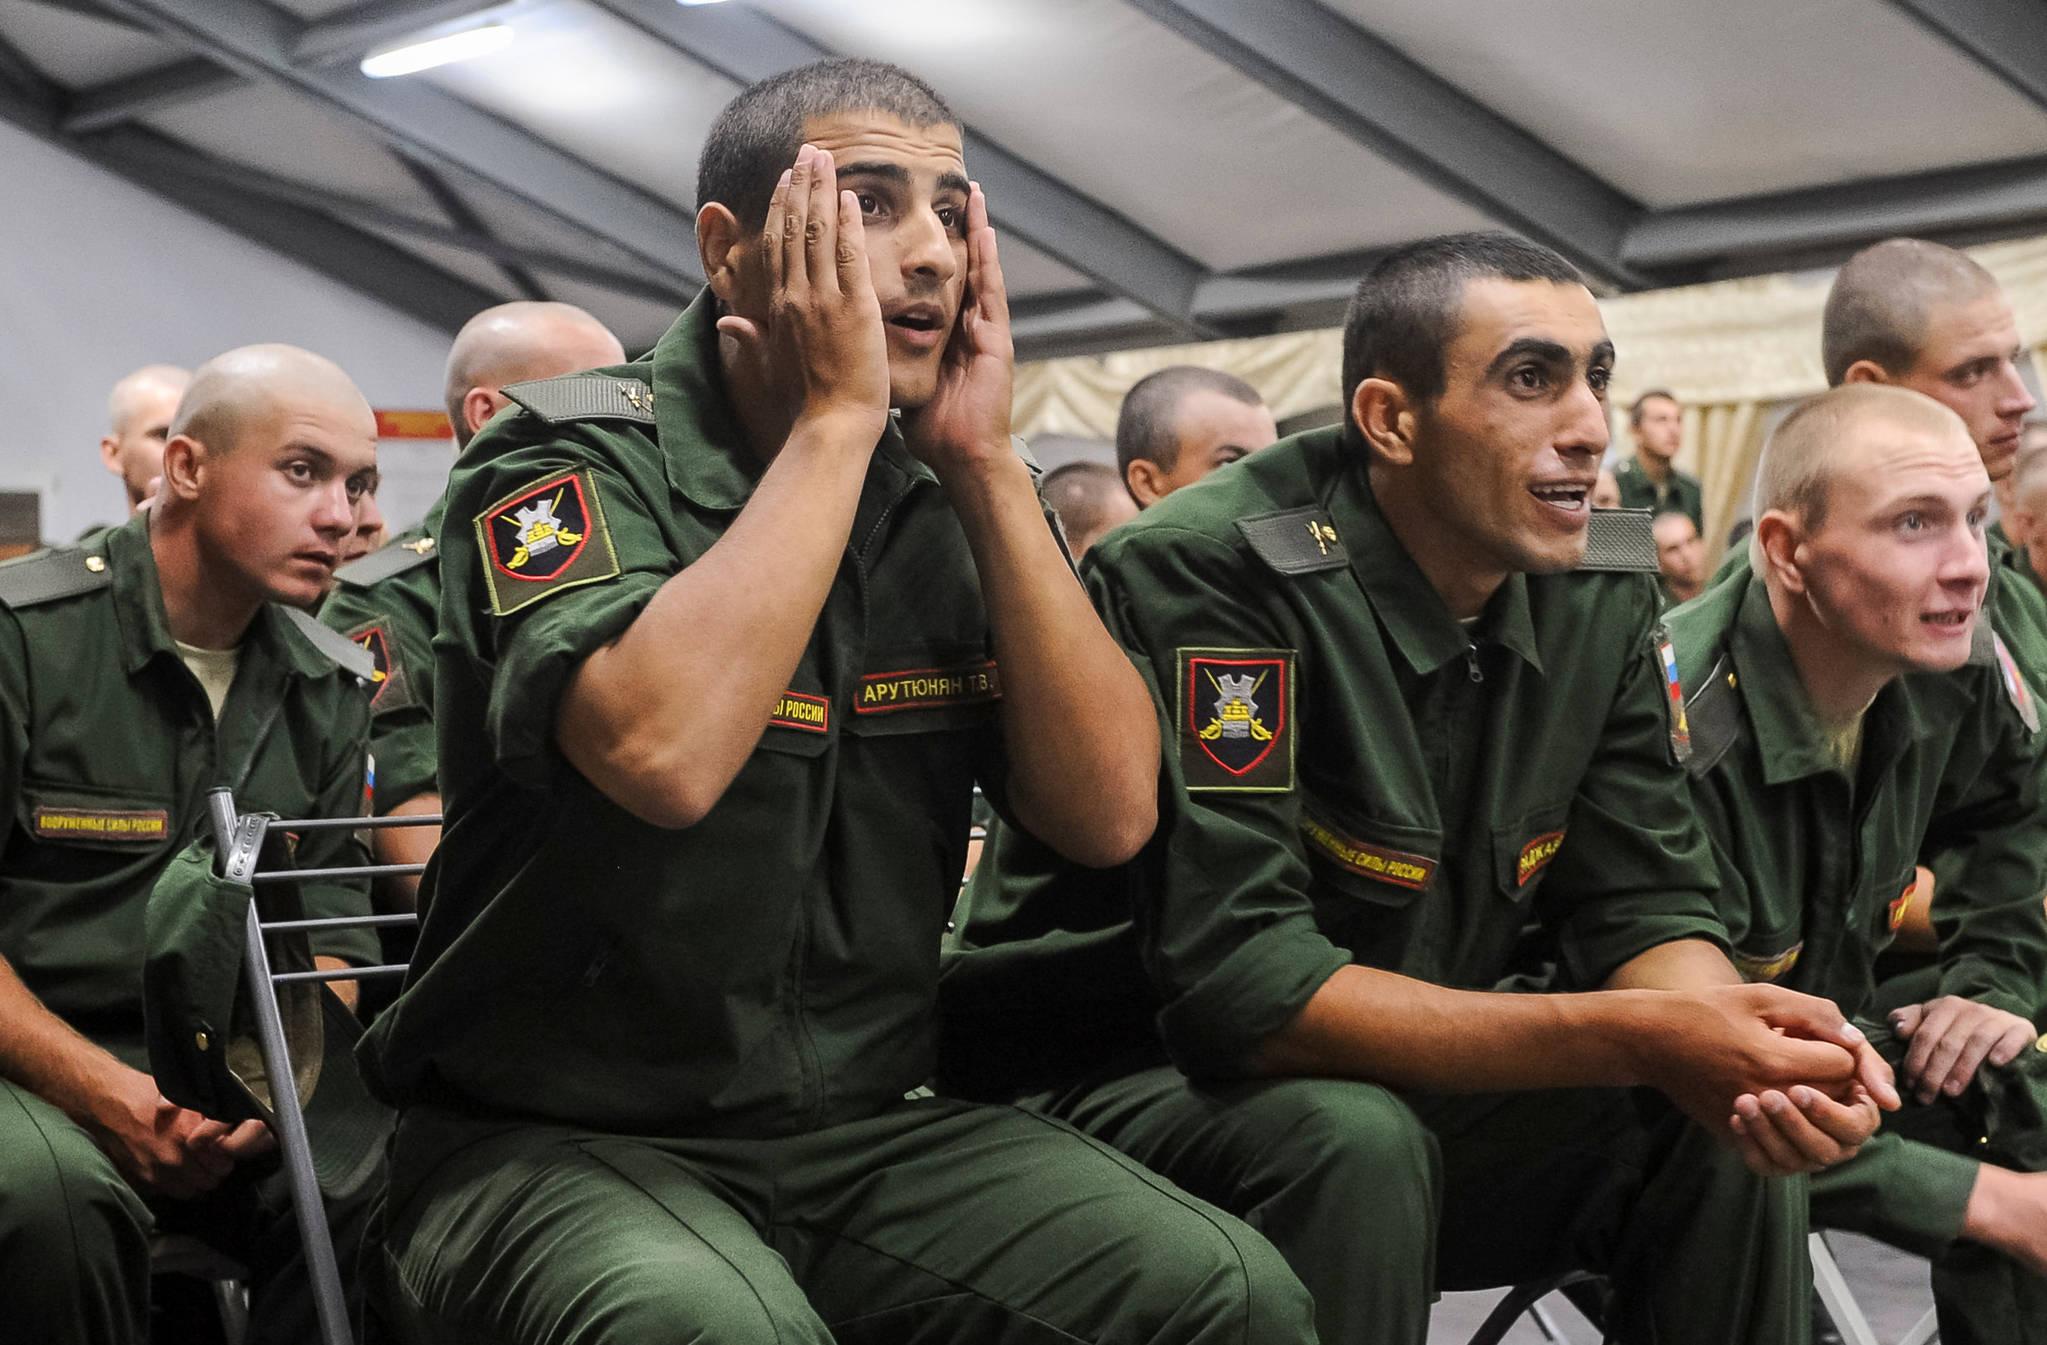 러시아 군인들이 크로아티아와의 8강 경기를 시청하면서 안타까운 표정을 짓고 있다.[연합뉴스]